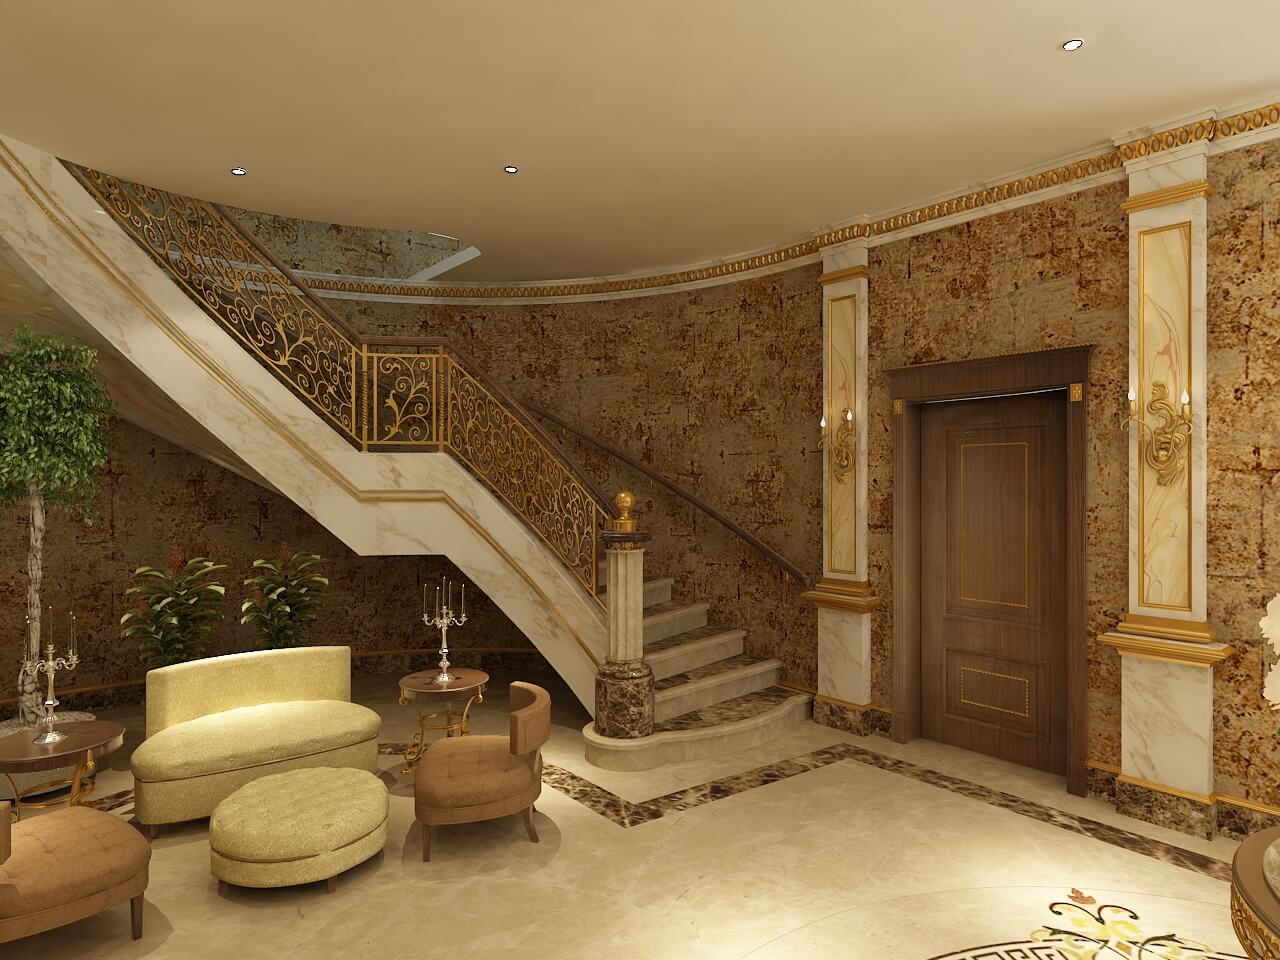 Private Villa, Emirates Hills - 2